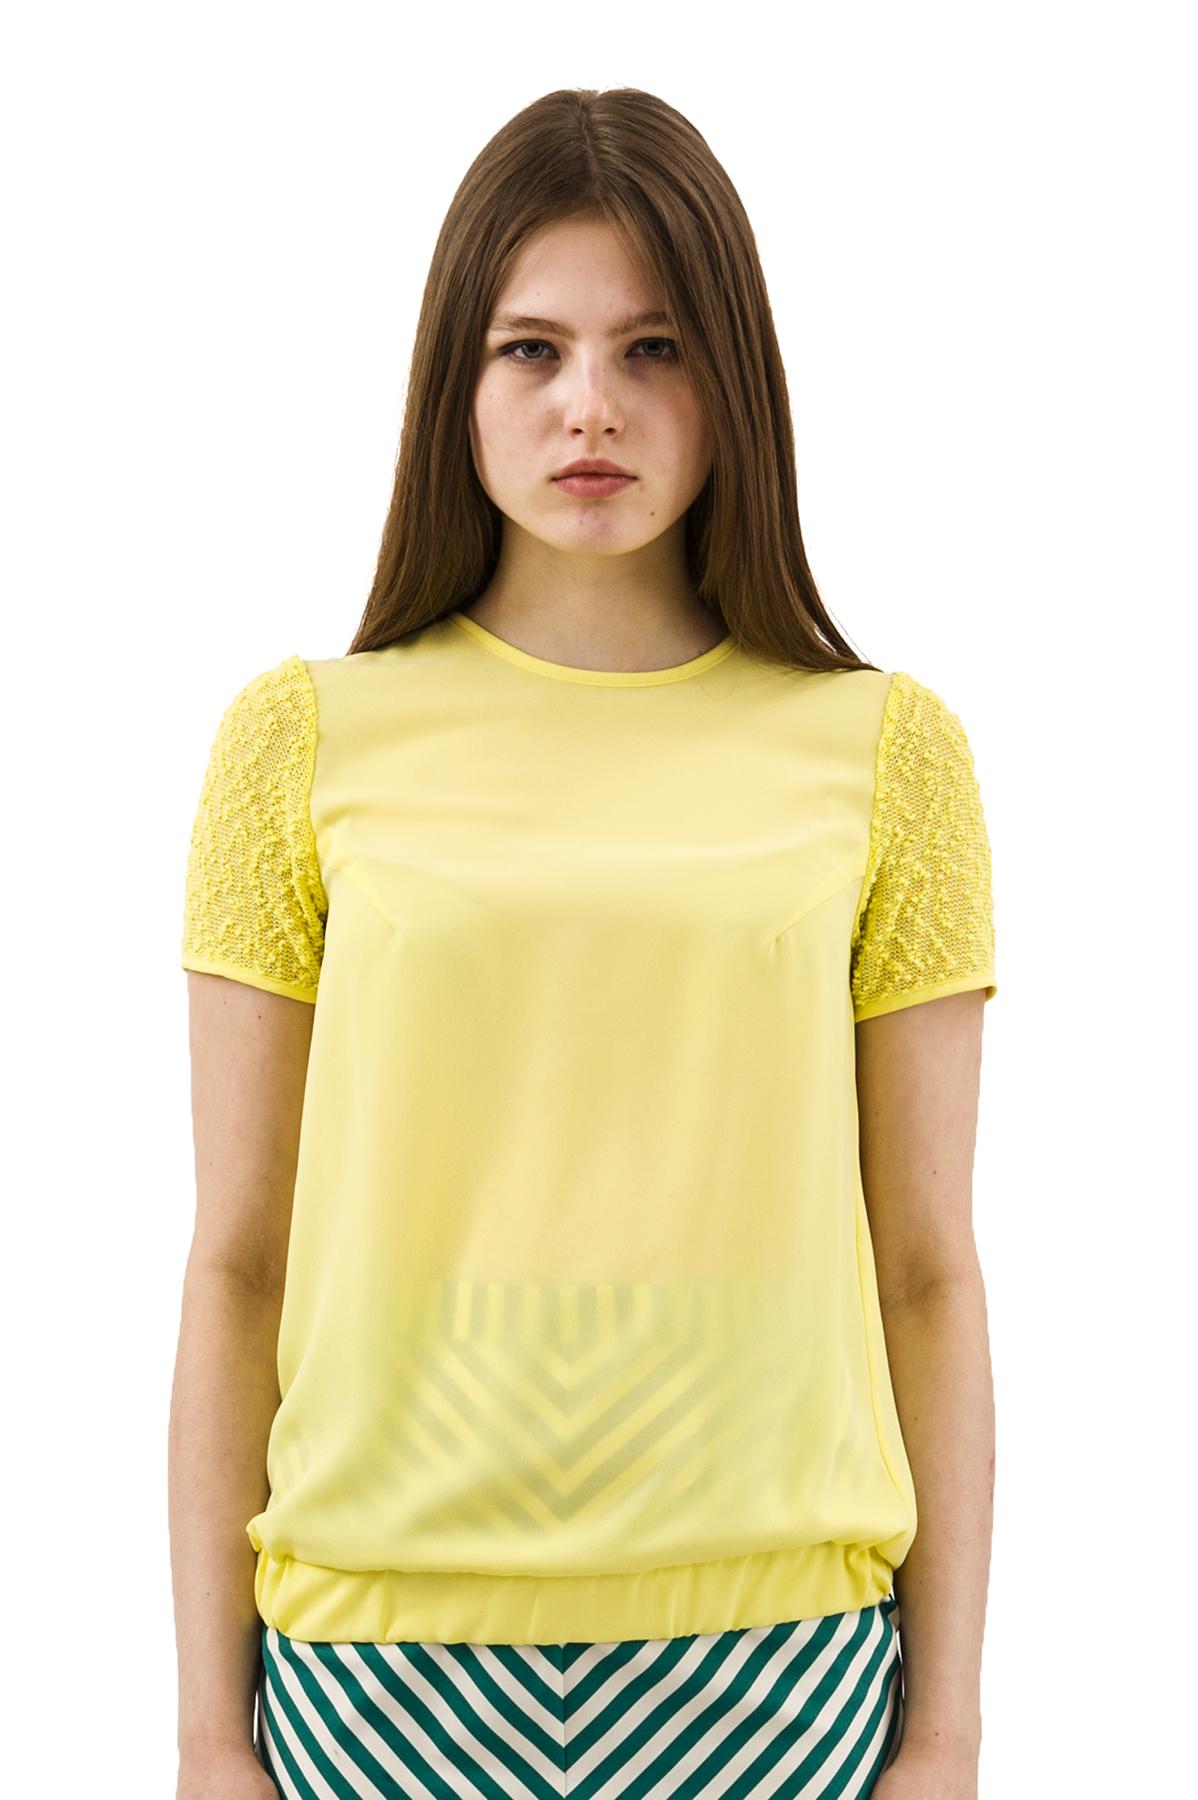 БлузаЖенские блузки<br>Эффектная блузка Doctor E оригинального дизайна привлечет к Вам всеобщее внимание и подчеркнет Ваш оригинальный вкус. Изделие будет удачно гармонировать с любыми предметами гардероба.<br><br>Цвет: желтый<br>Состав: 100% полиэстер<br>Размер: 42,44,46,48,50,52,54,56,58,60<br>Страна дизайна: Россия<br>Страна производства: Россия